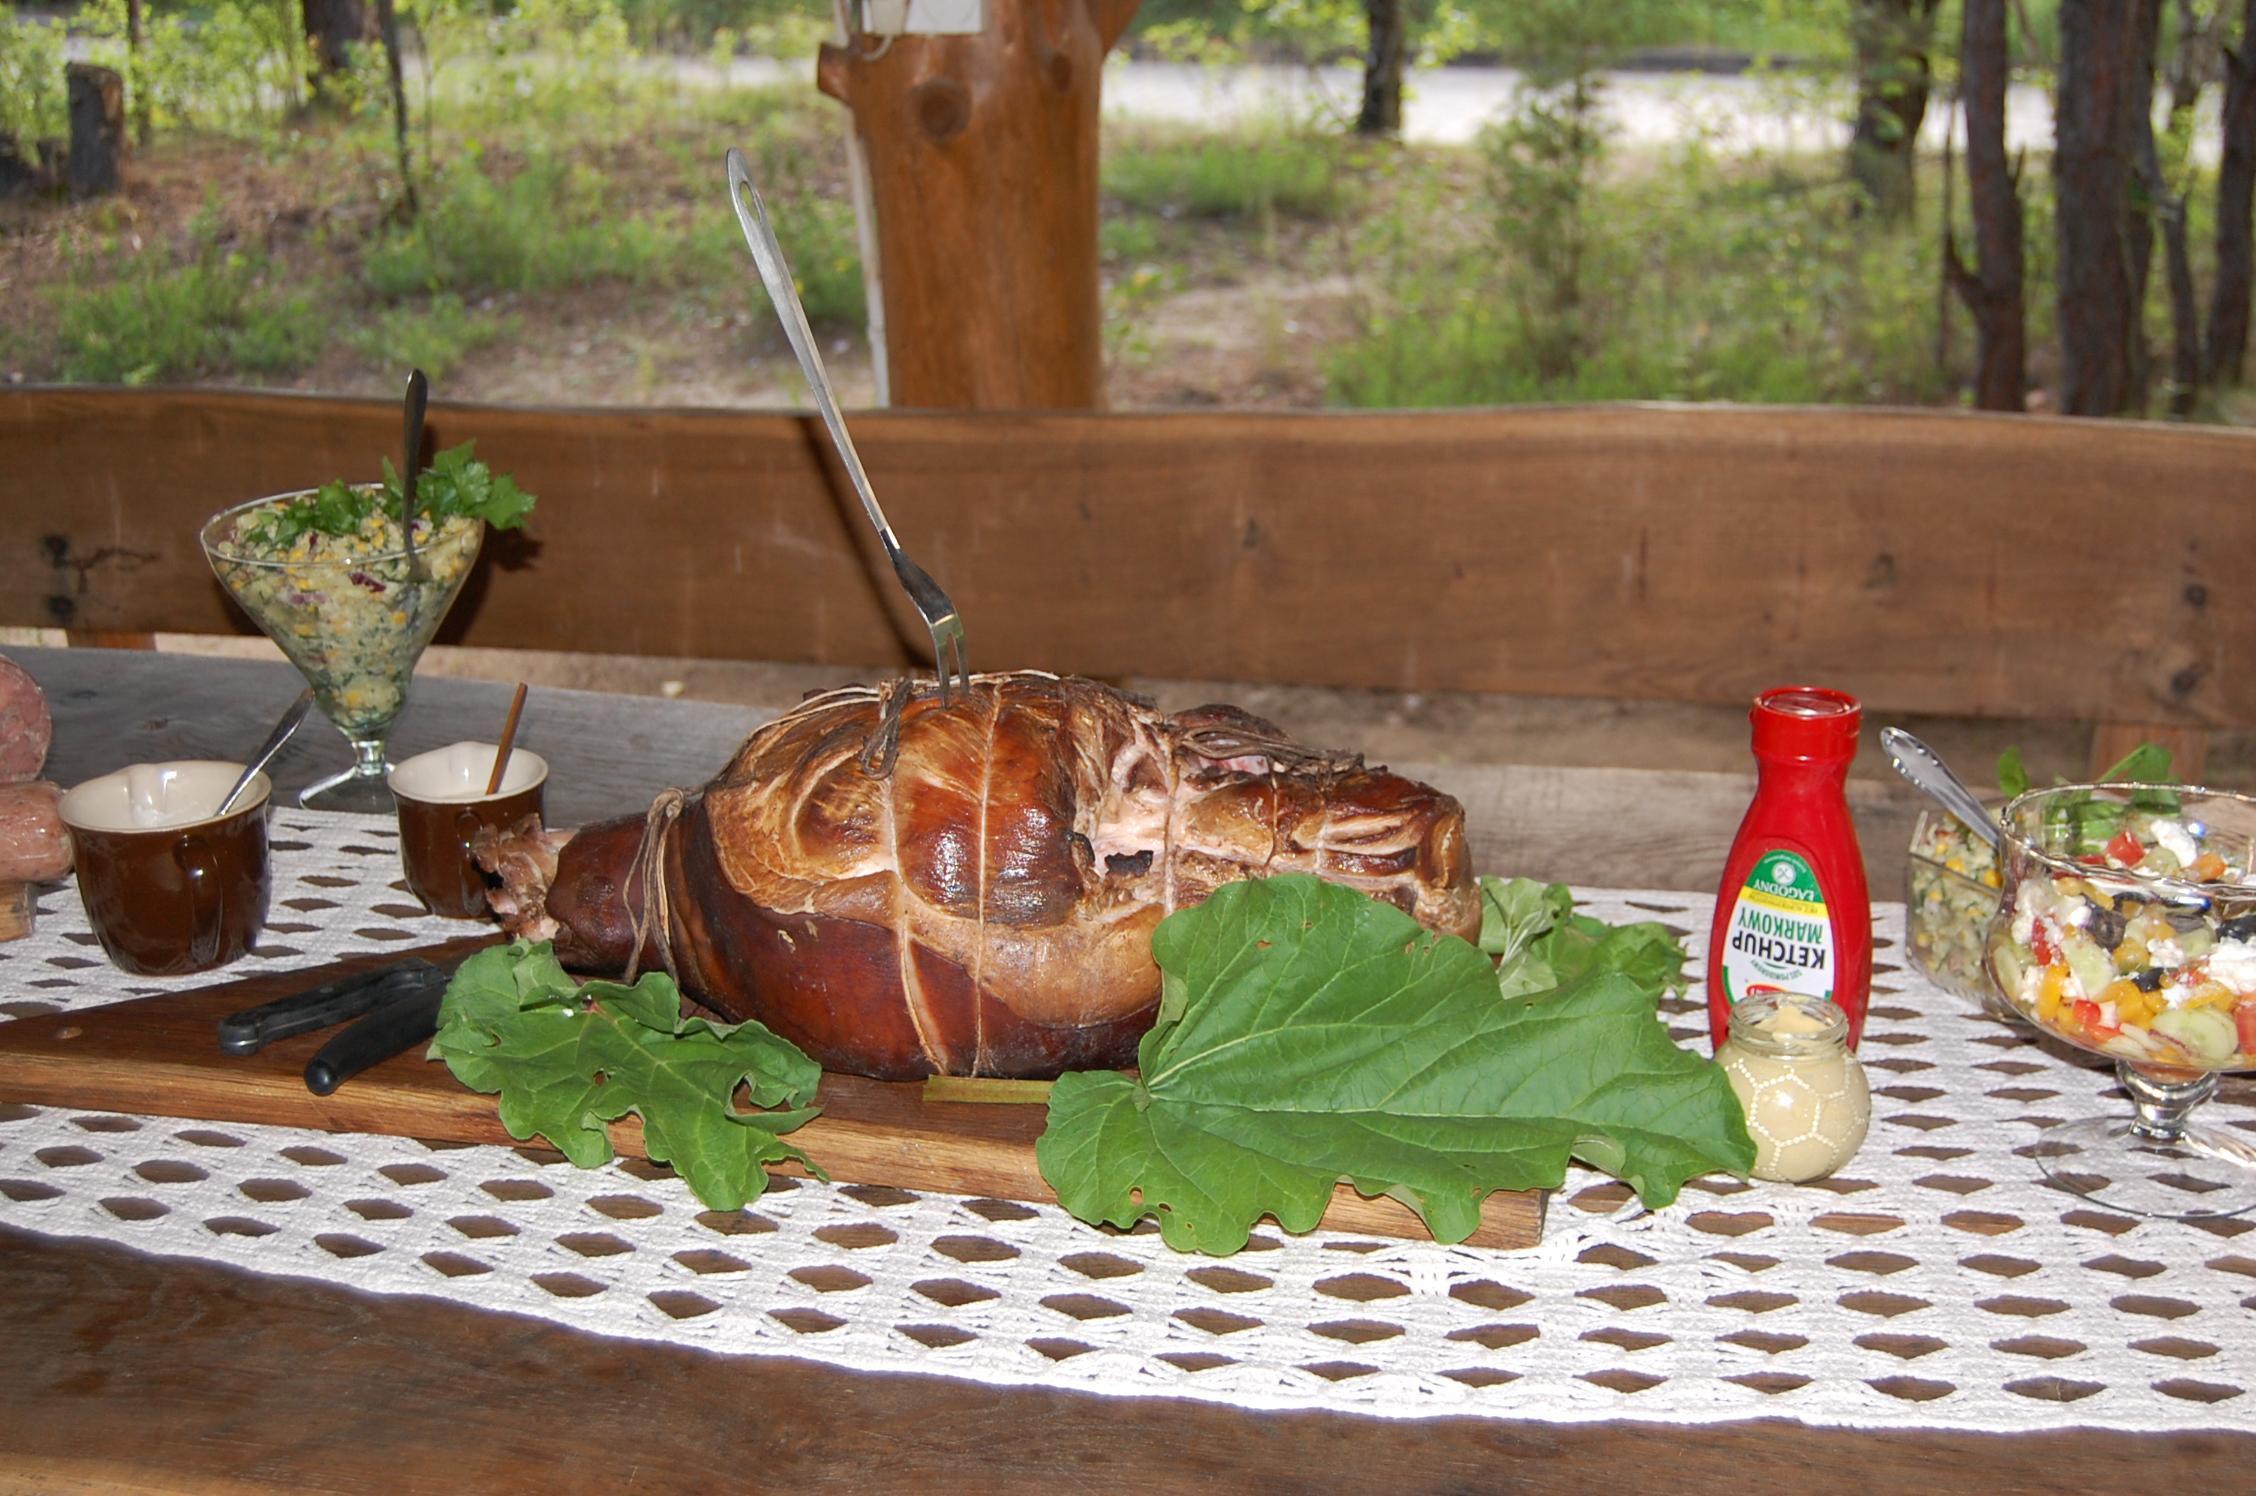 Lokalne wyroby serwowane na zamówienie podczas Grilla - imprezy integracyjne w  Pensjonacie agroturystycznym Grynwald